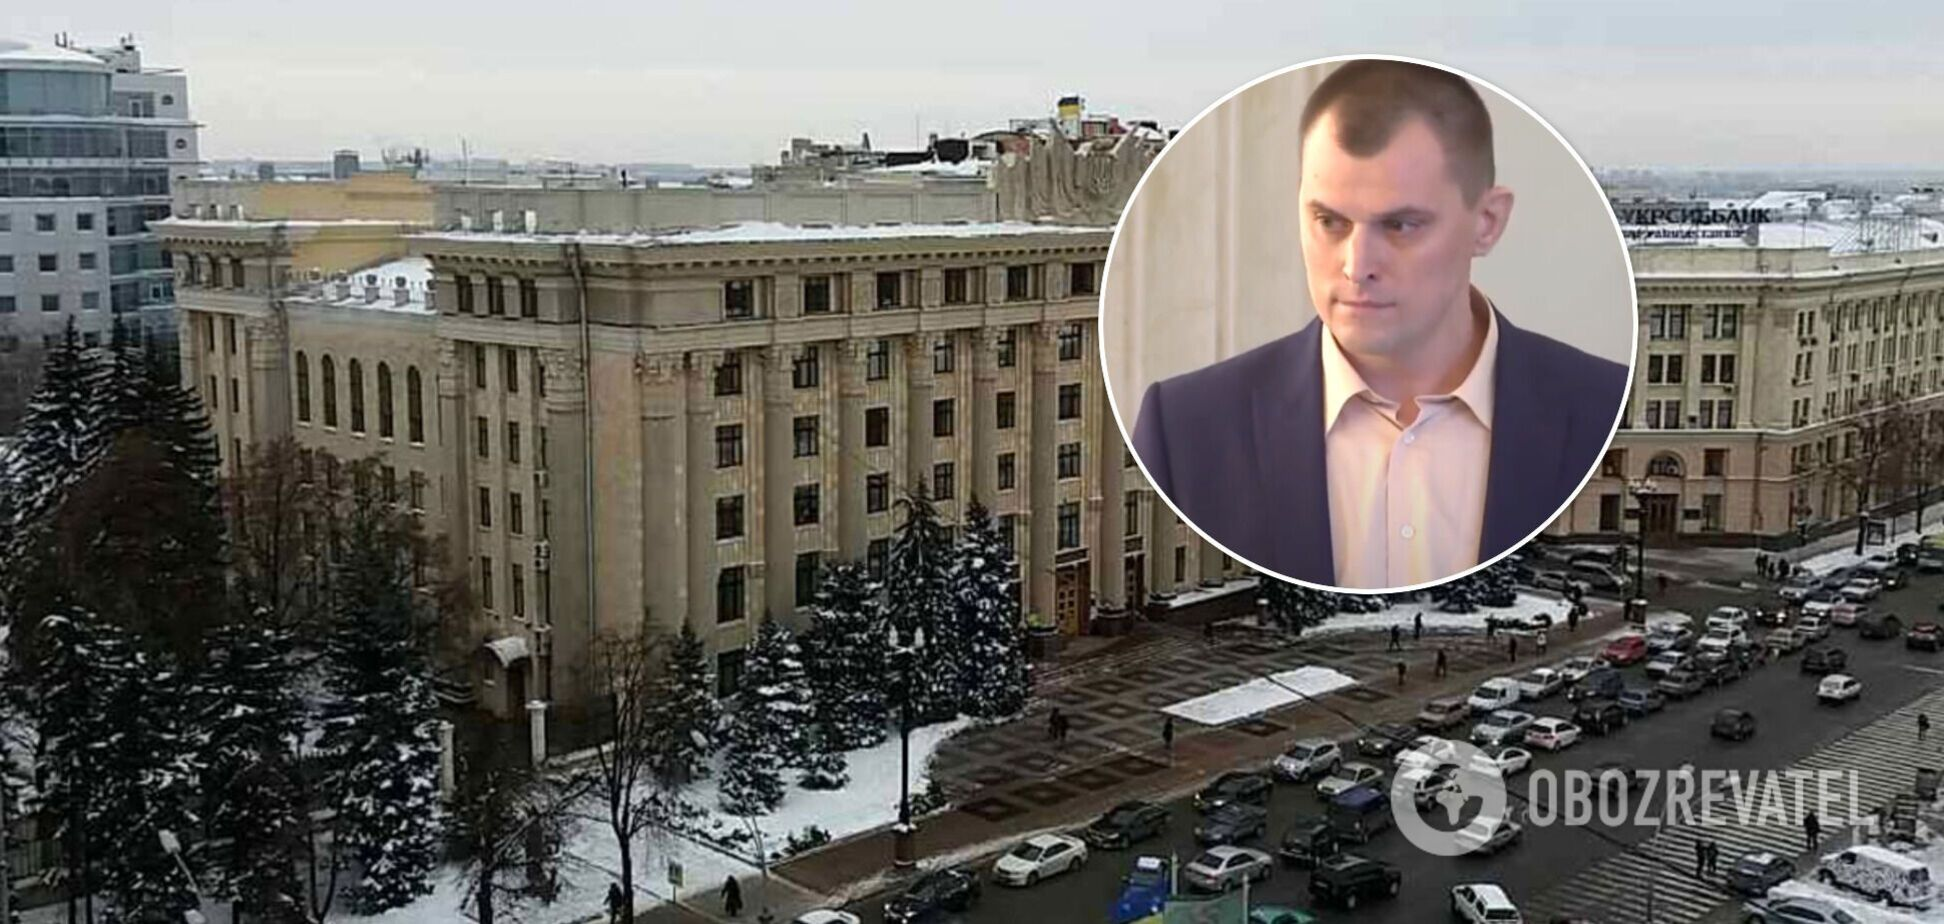 Харьковского депутата исключили из 'ЕС' из-за отказа говорить на украинском. Видео